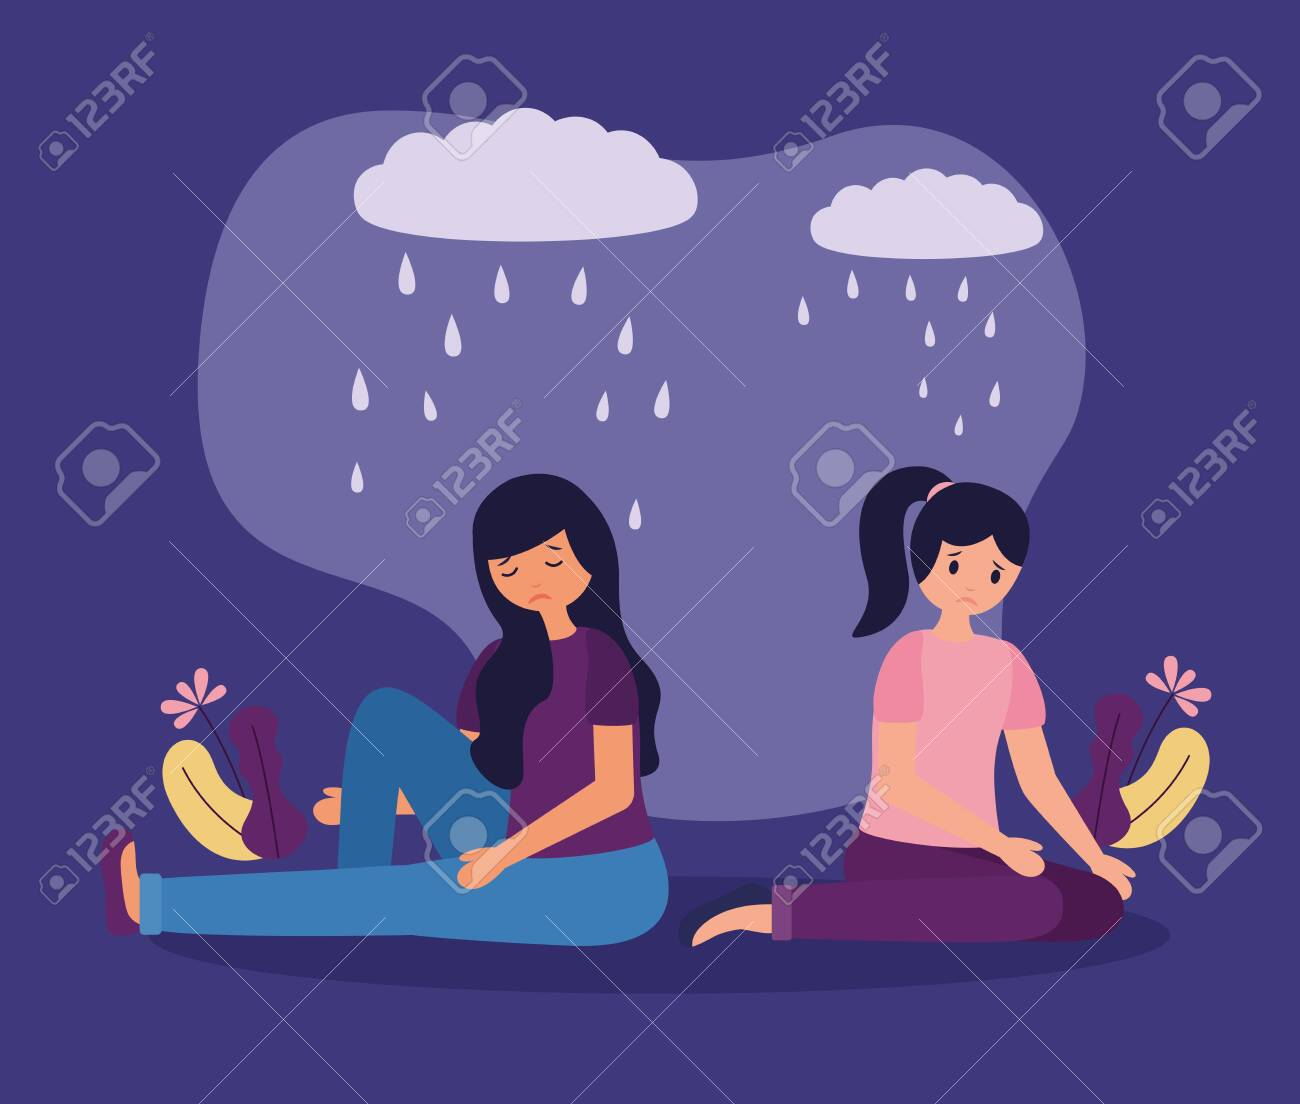 sadness girls with mental disorder psychological depressed vector illustration - 129884805